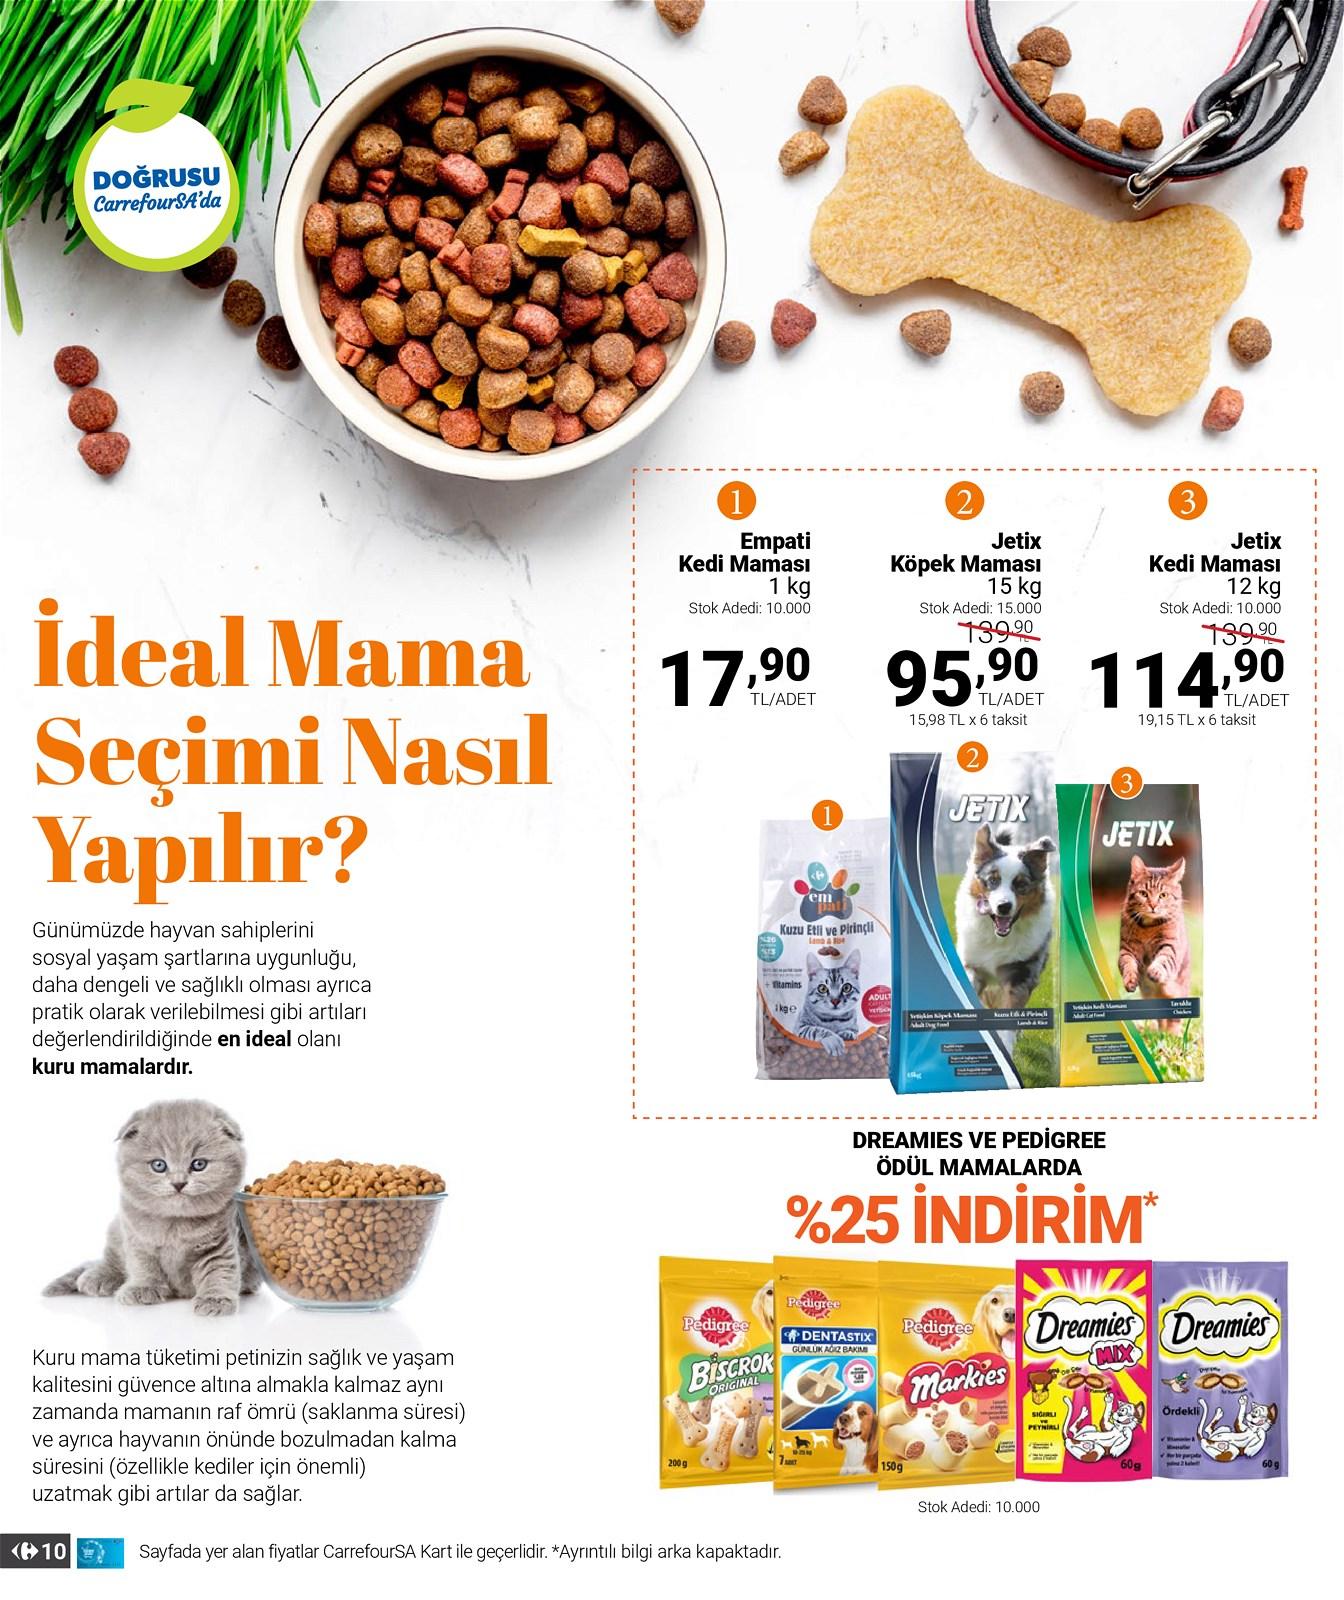 01.04.2021 CarrefourSA broşürü 10. sayfa